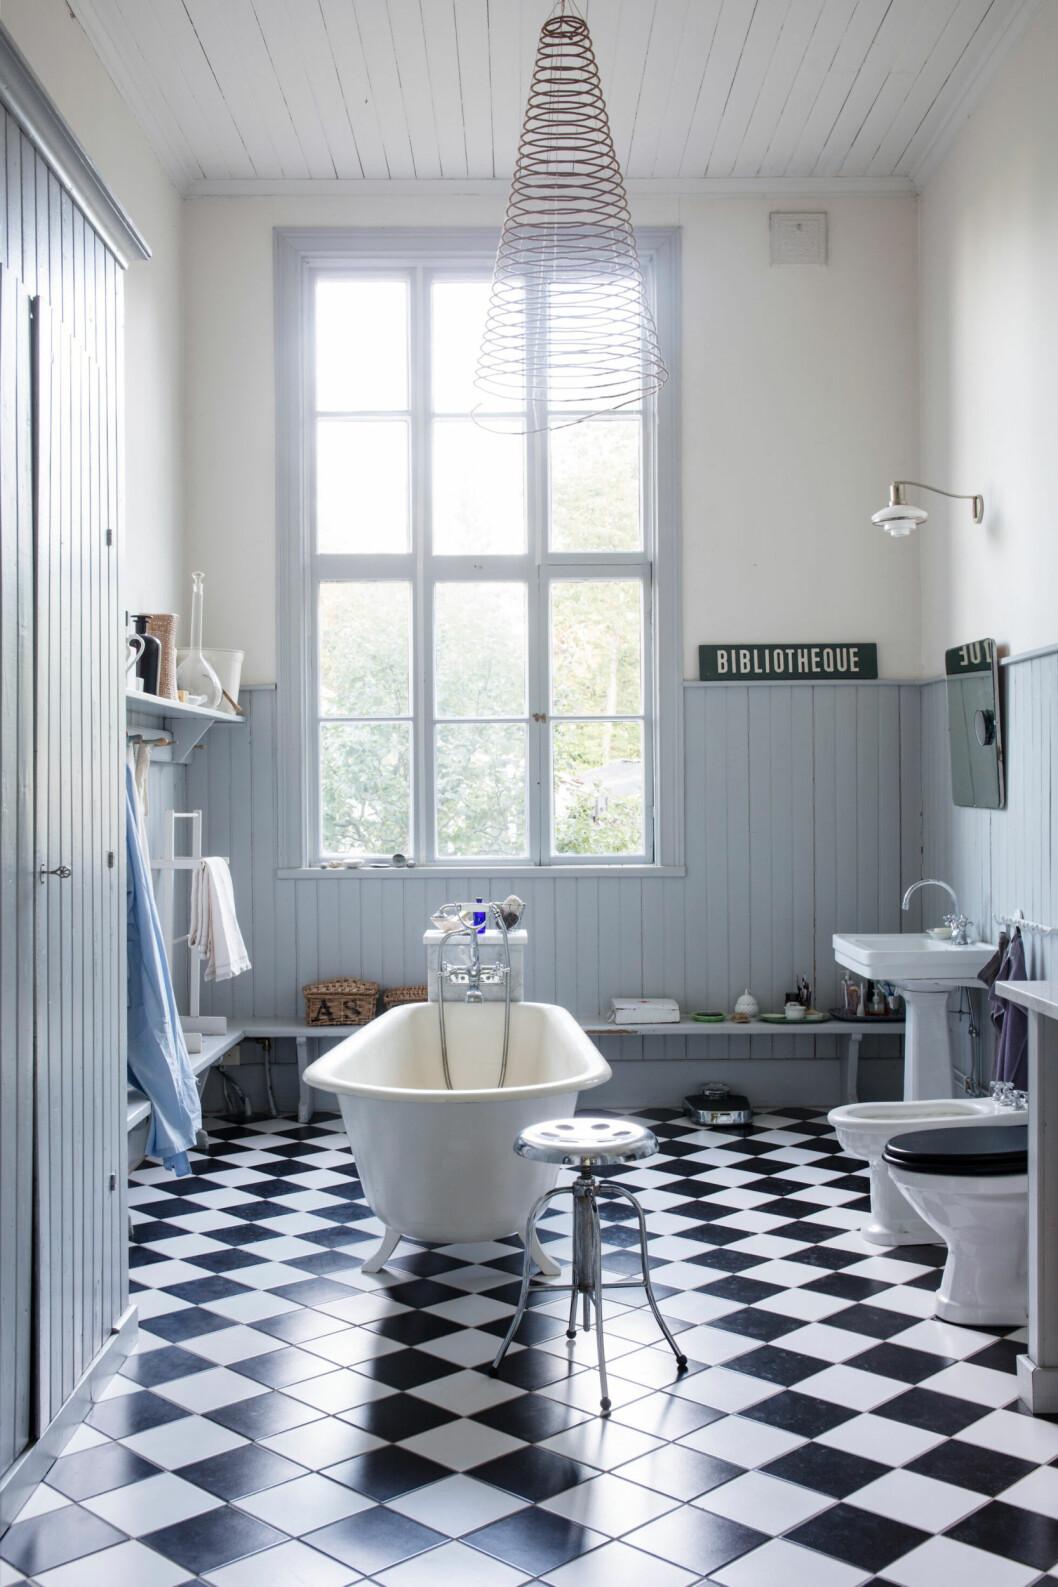 Badrummet har svartvitrutigt golv och väggar i vita och ljusblåa toner